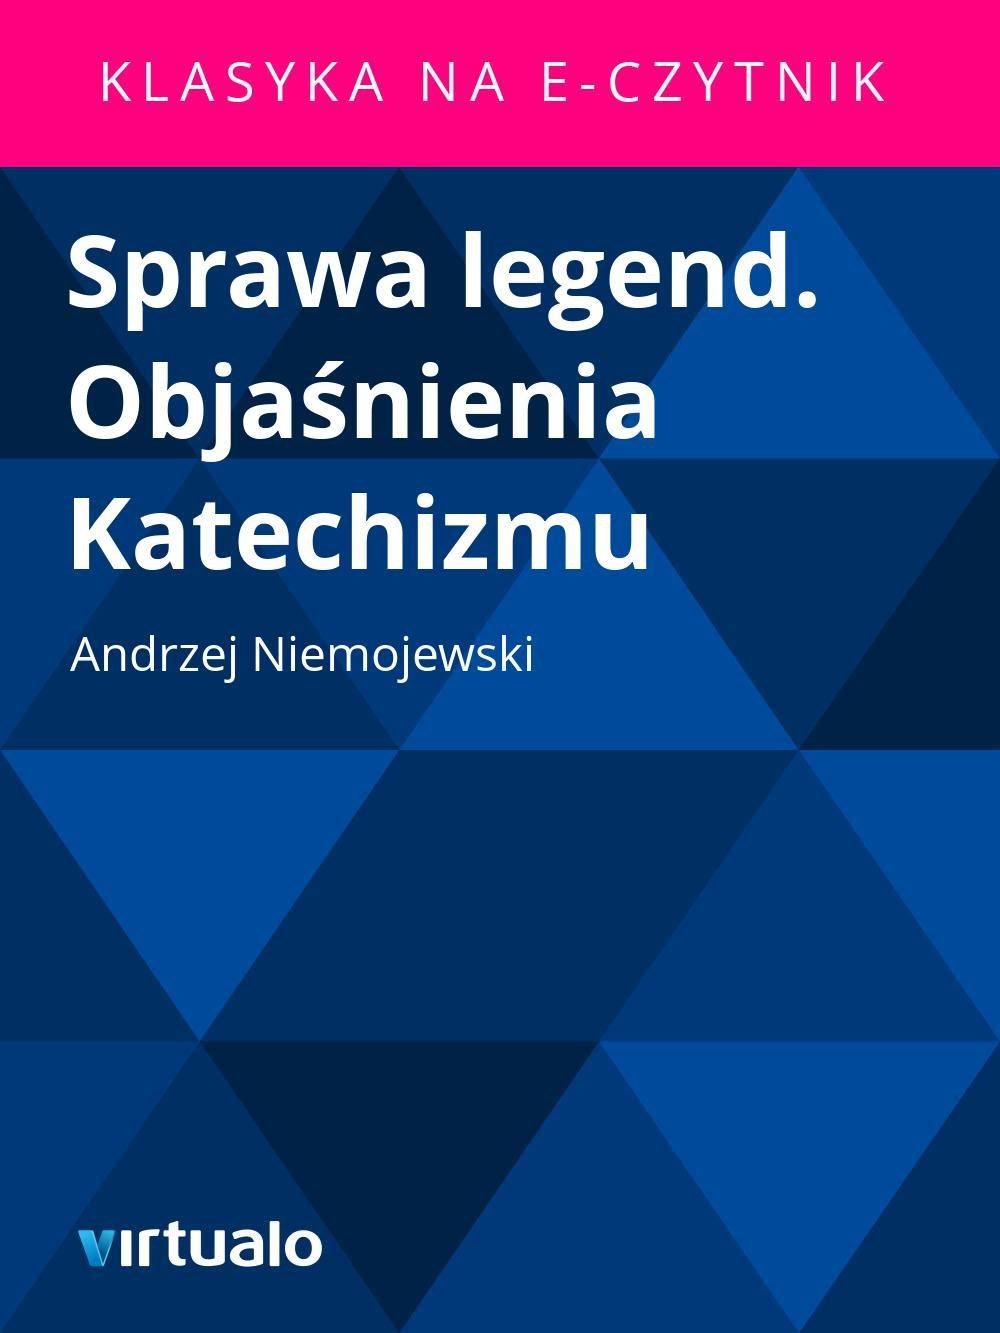 Sprawa legend. Objaśnienia Katechizmu - Ebook (Książka EPUB) do pobrania w formacie EPUB